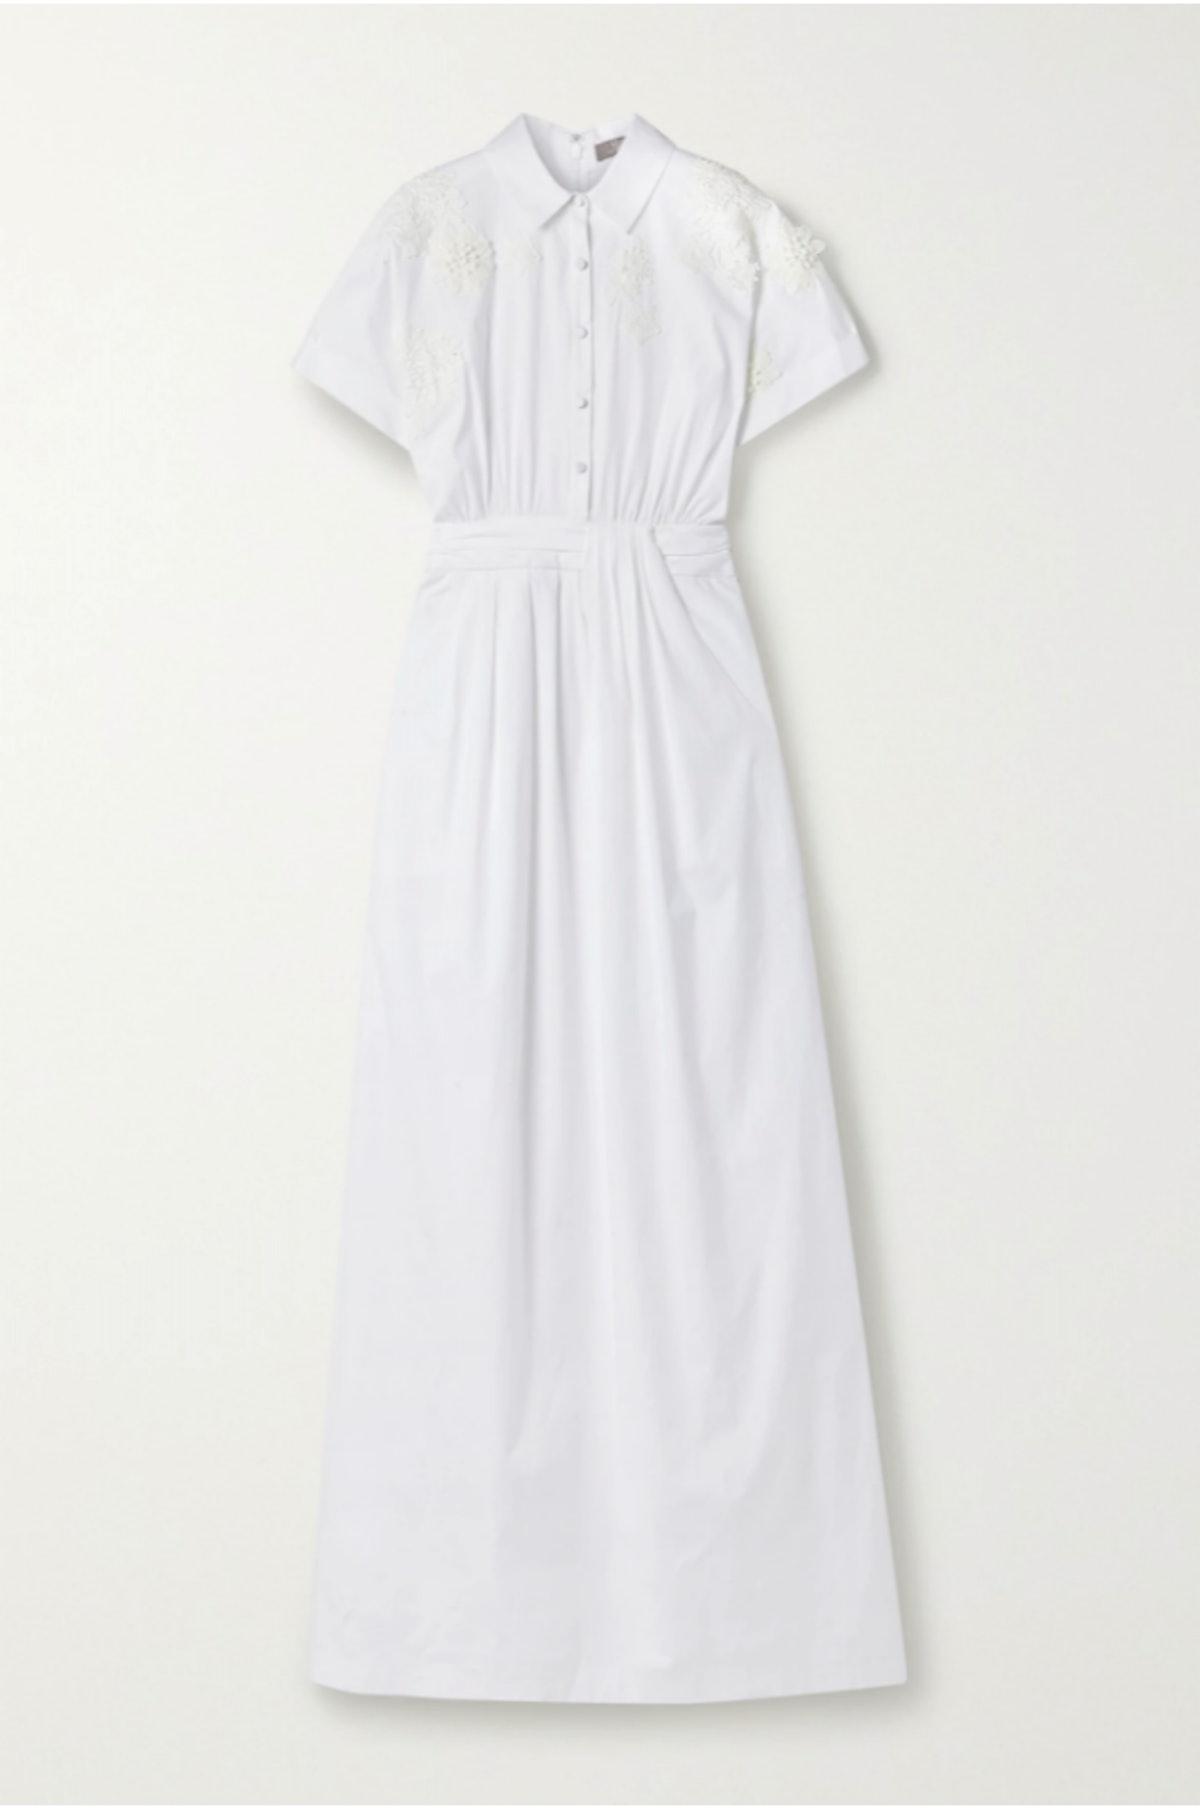 LELA ROSE's floral embellished cotton-blend poplin maxi shirt dress.